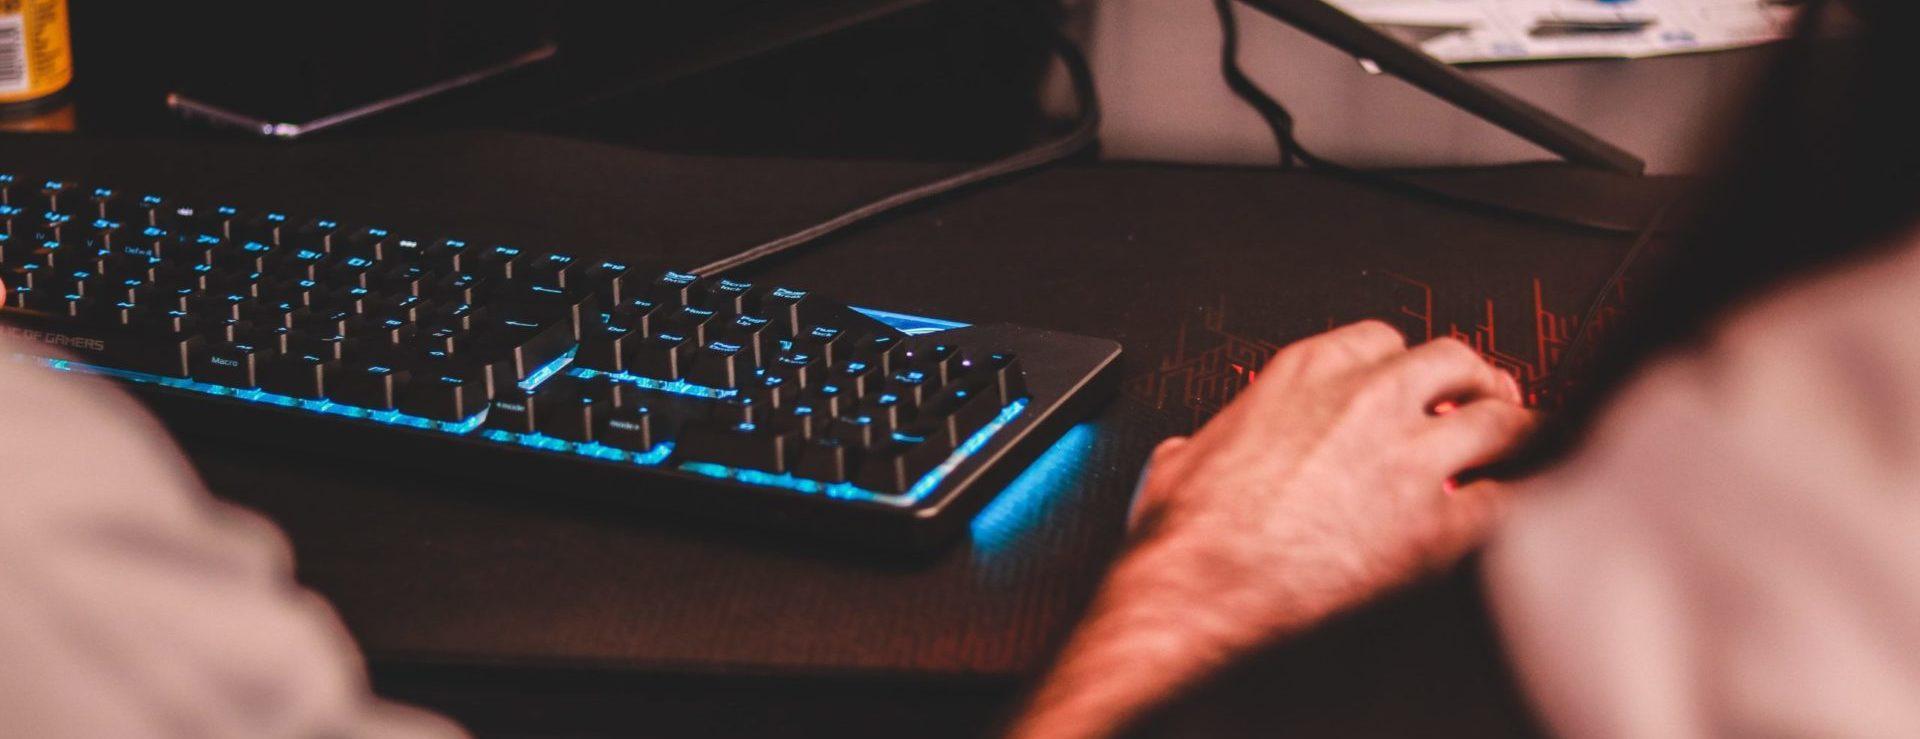 ゲーミングマウスにしたらFPSゲームは上達するのか?の見出し画像